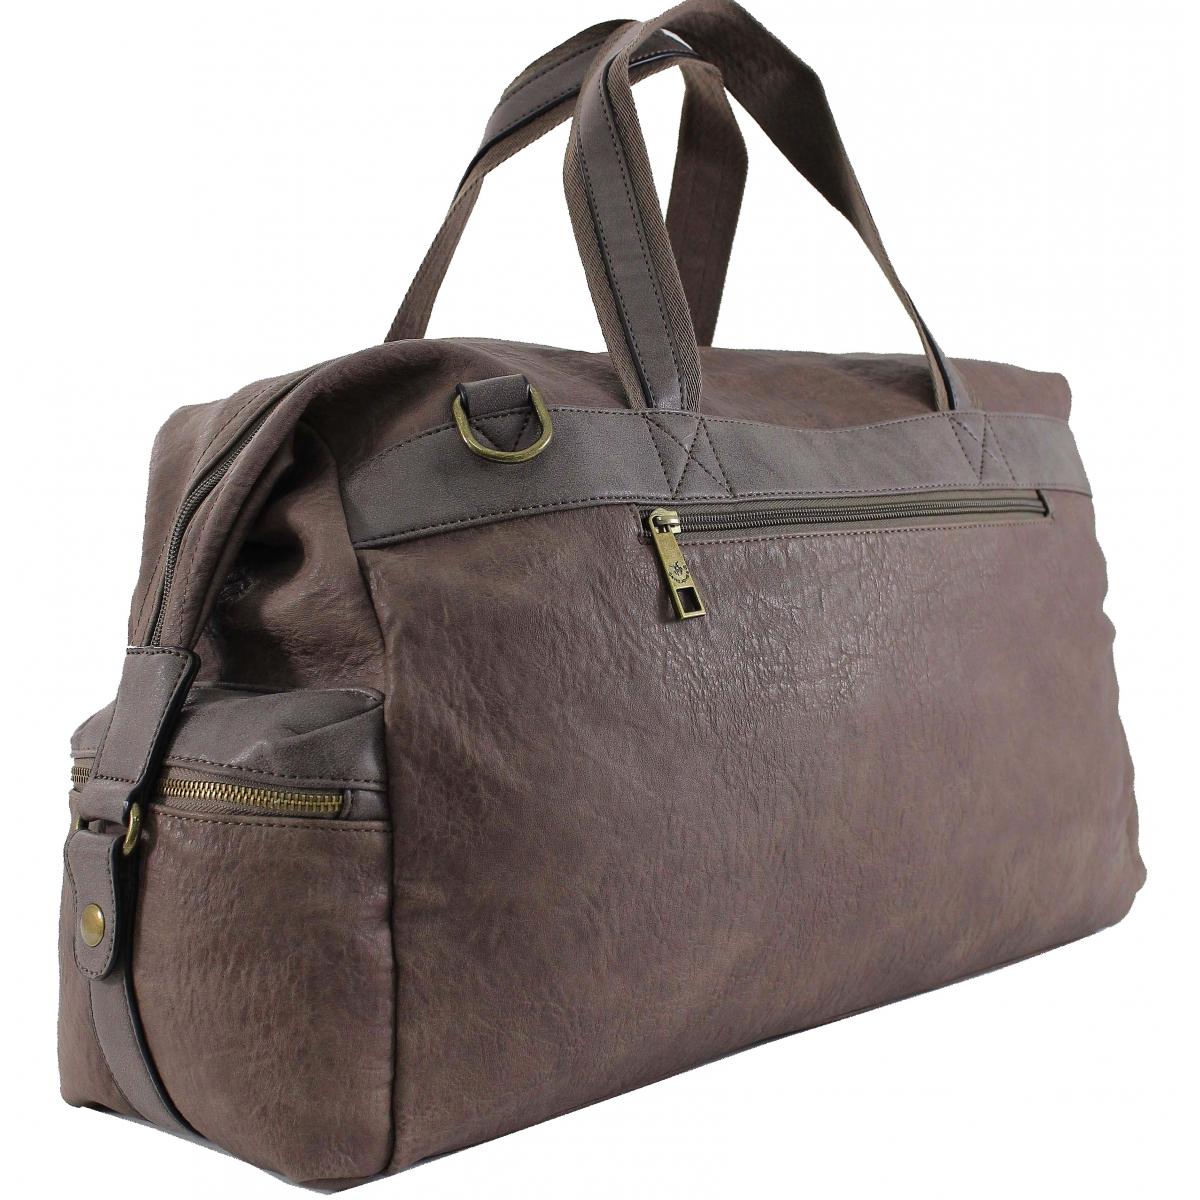 sac de voyage 48h david jones djcm0798a couleur principale d taupe solde. Black Bedroom Furniture Sets. Home Design Ideas